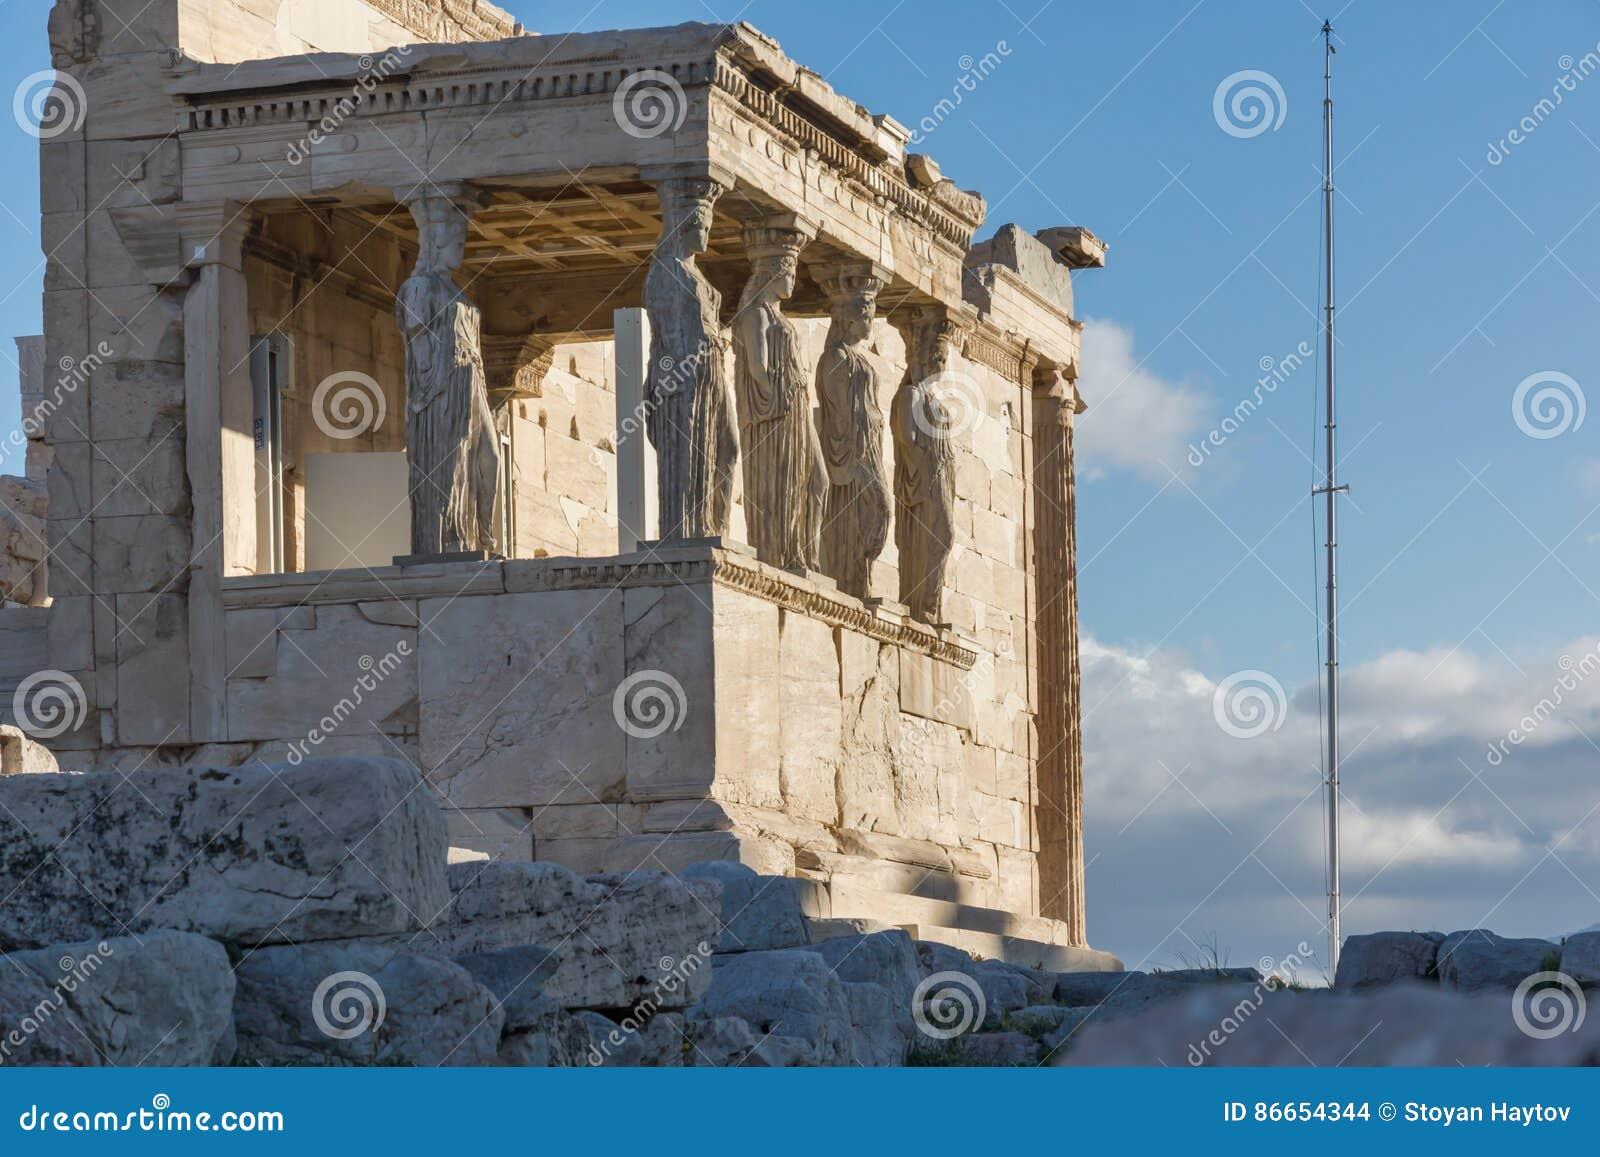 Le porche des cariatides dans l Erechtheion un temple du grec ancien du côté nord de l Acropole d Athènes, Grèce